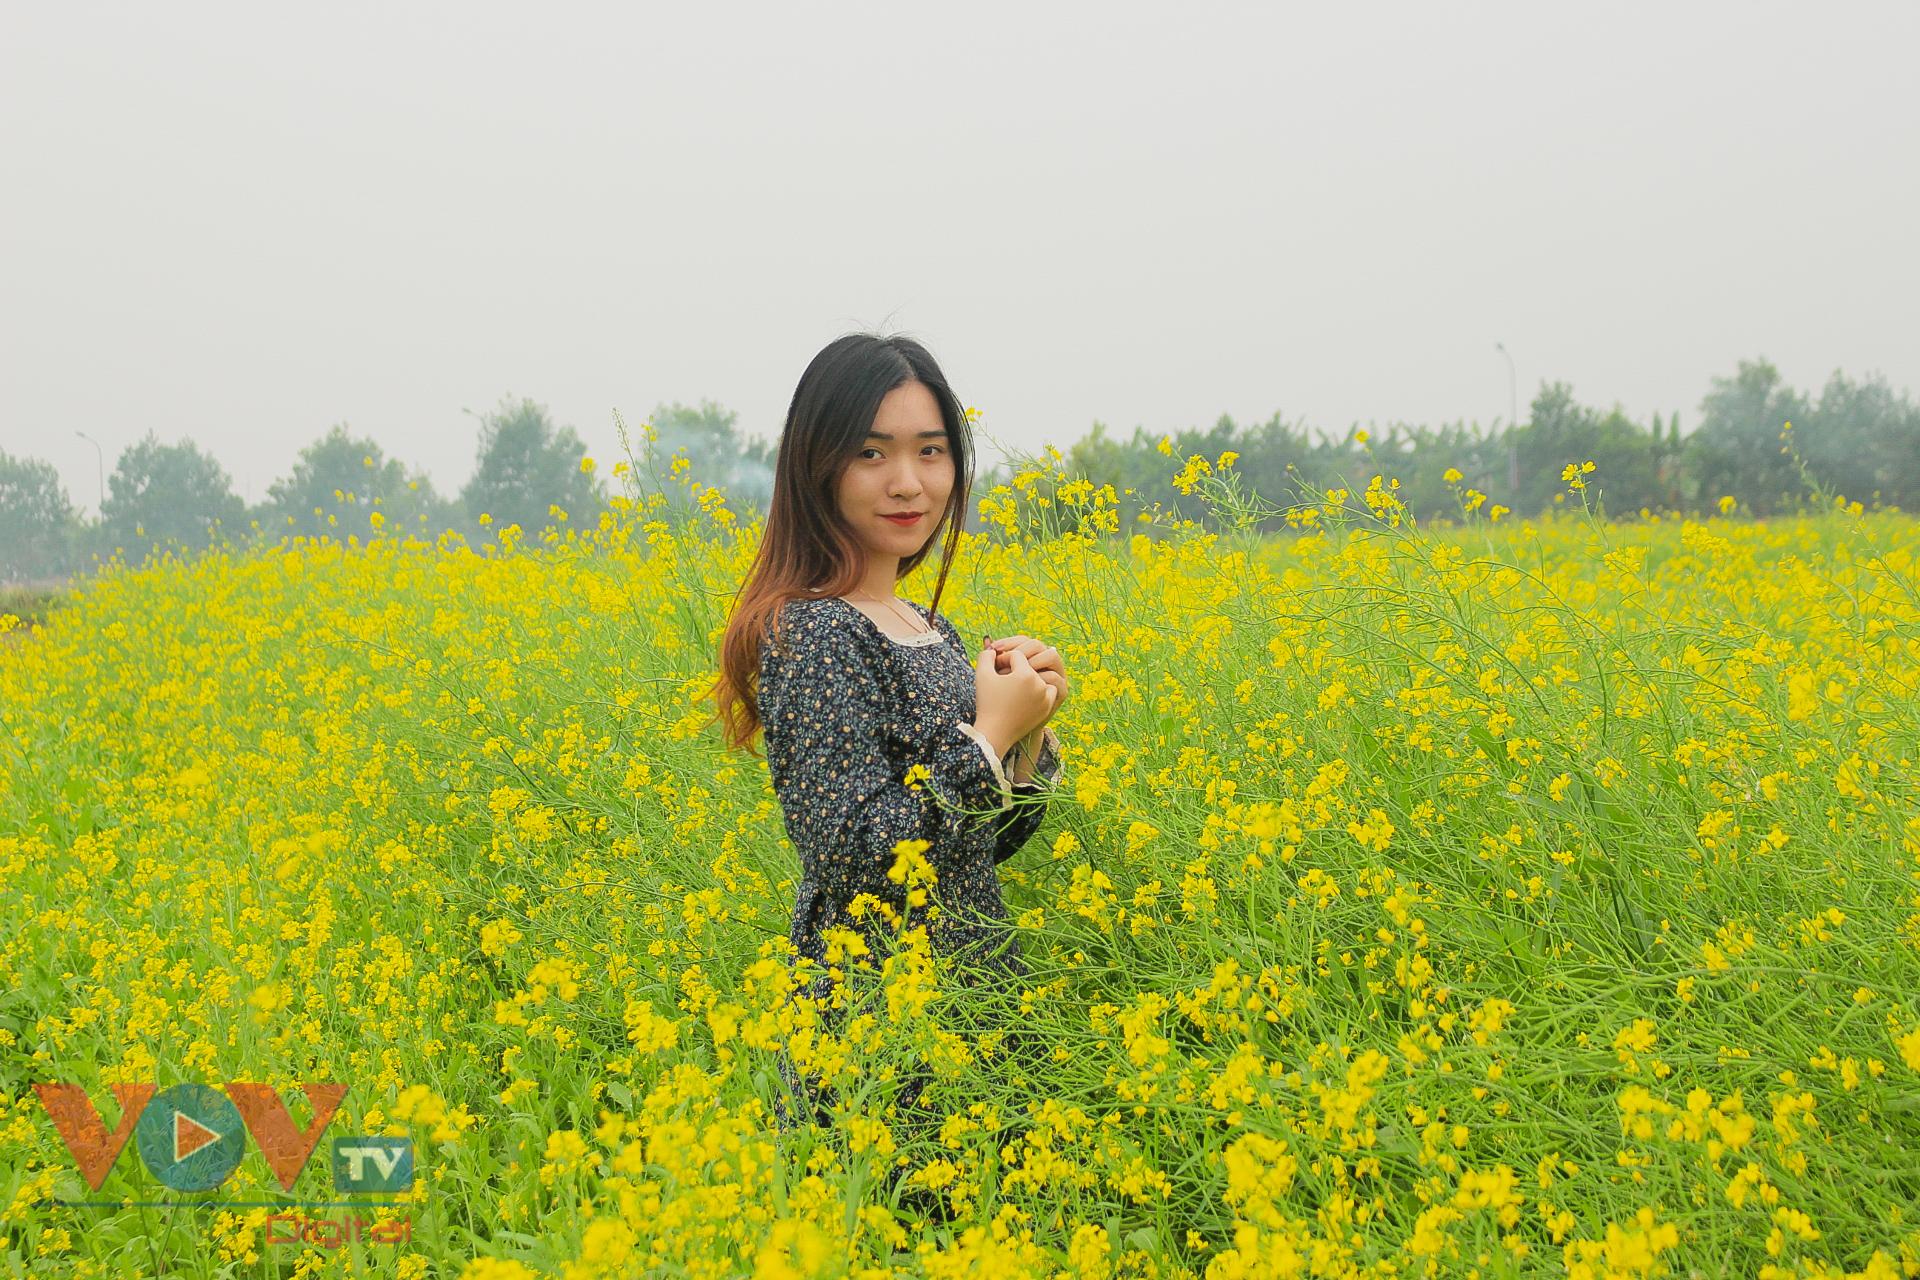 Rực rỡ cánh đồng hoa cải vàng ven sông - Ảnh 9.